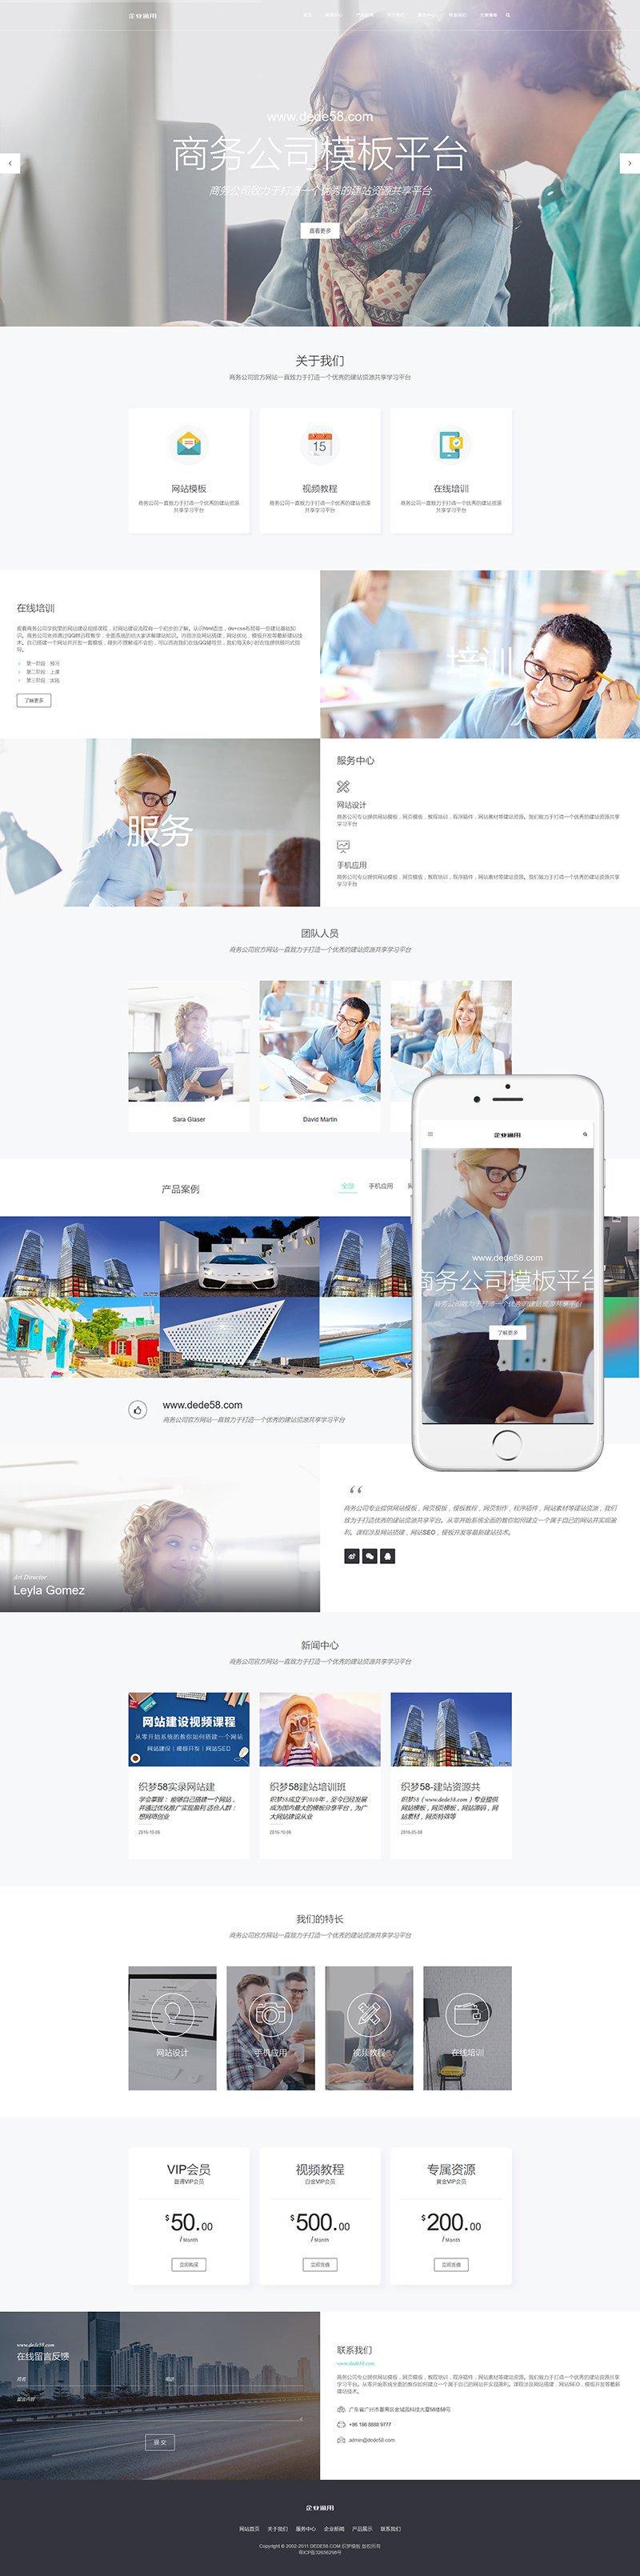 [织梦模板]高端响应式精致商务企业dedecms模板(自适应手机端)